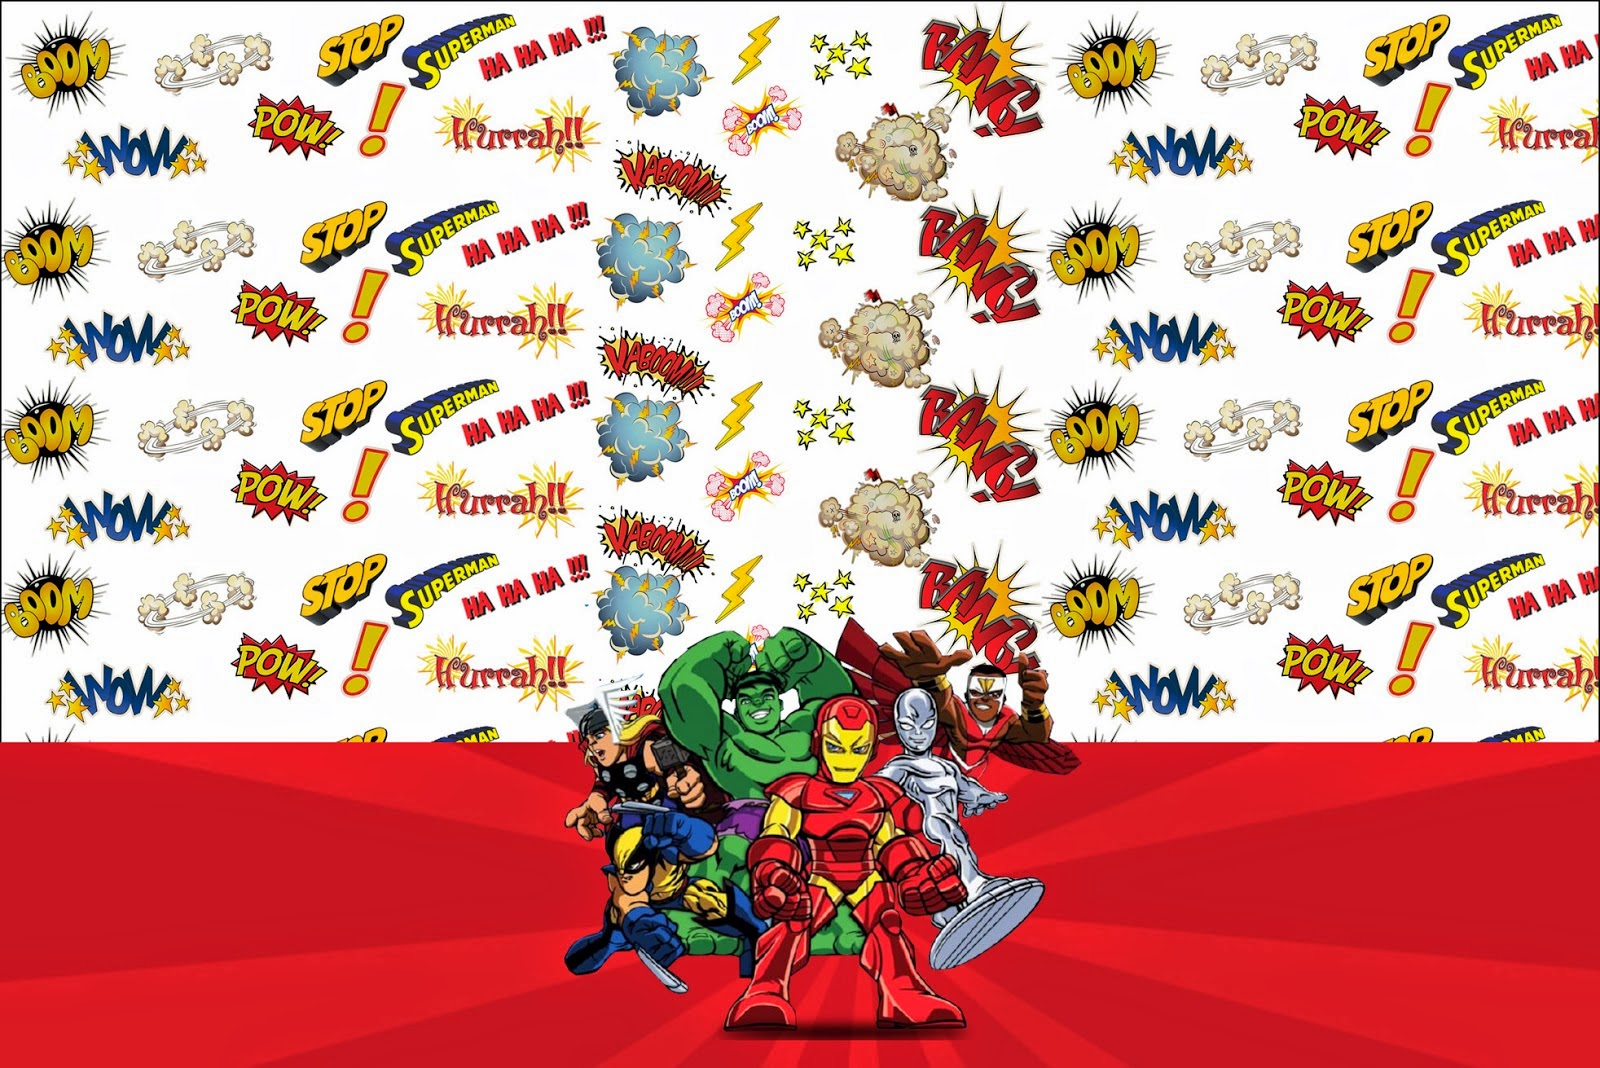 Marvel Superheroes Squad Free Printable Invitations – Superhero Birthday Invitations Free Printable